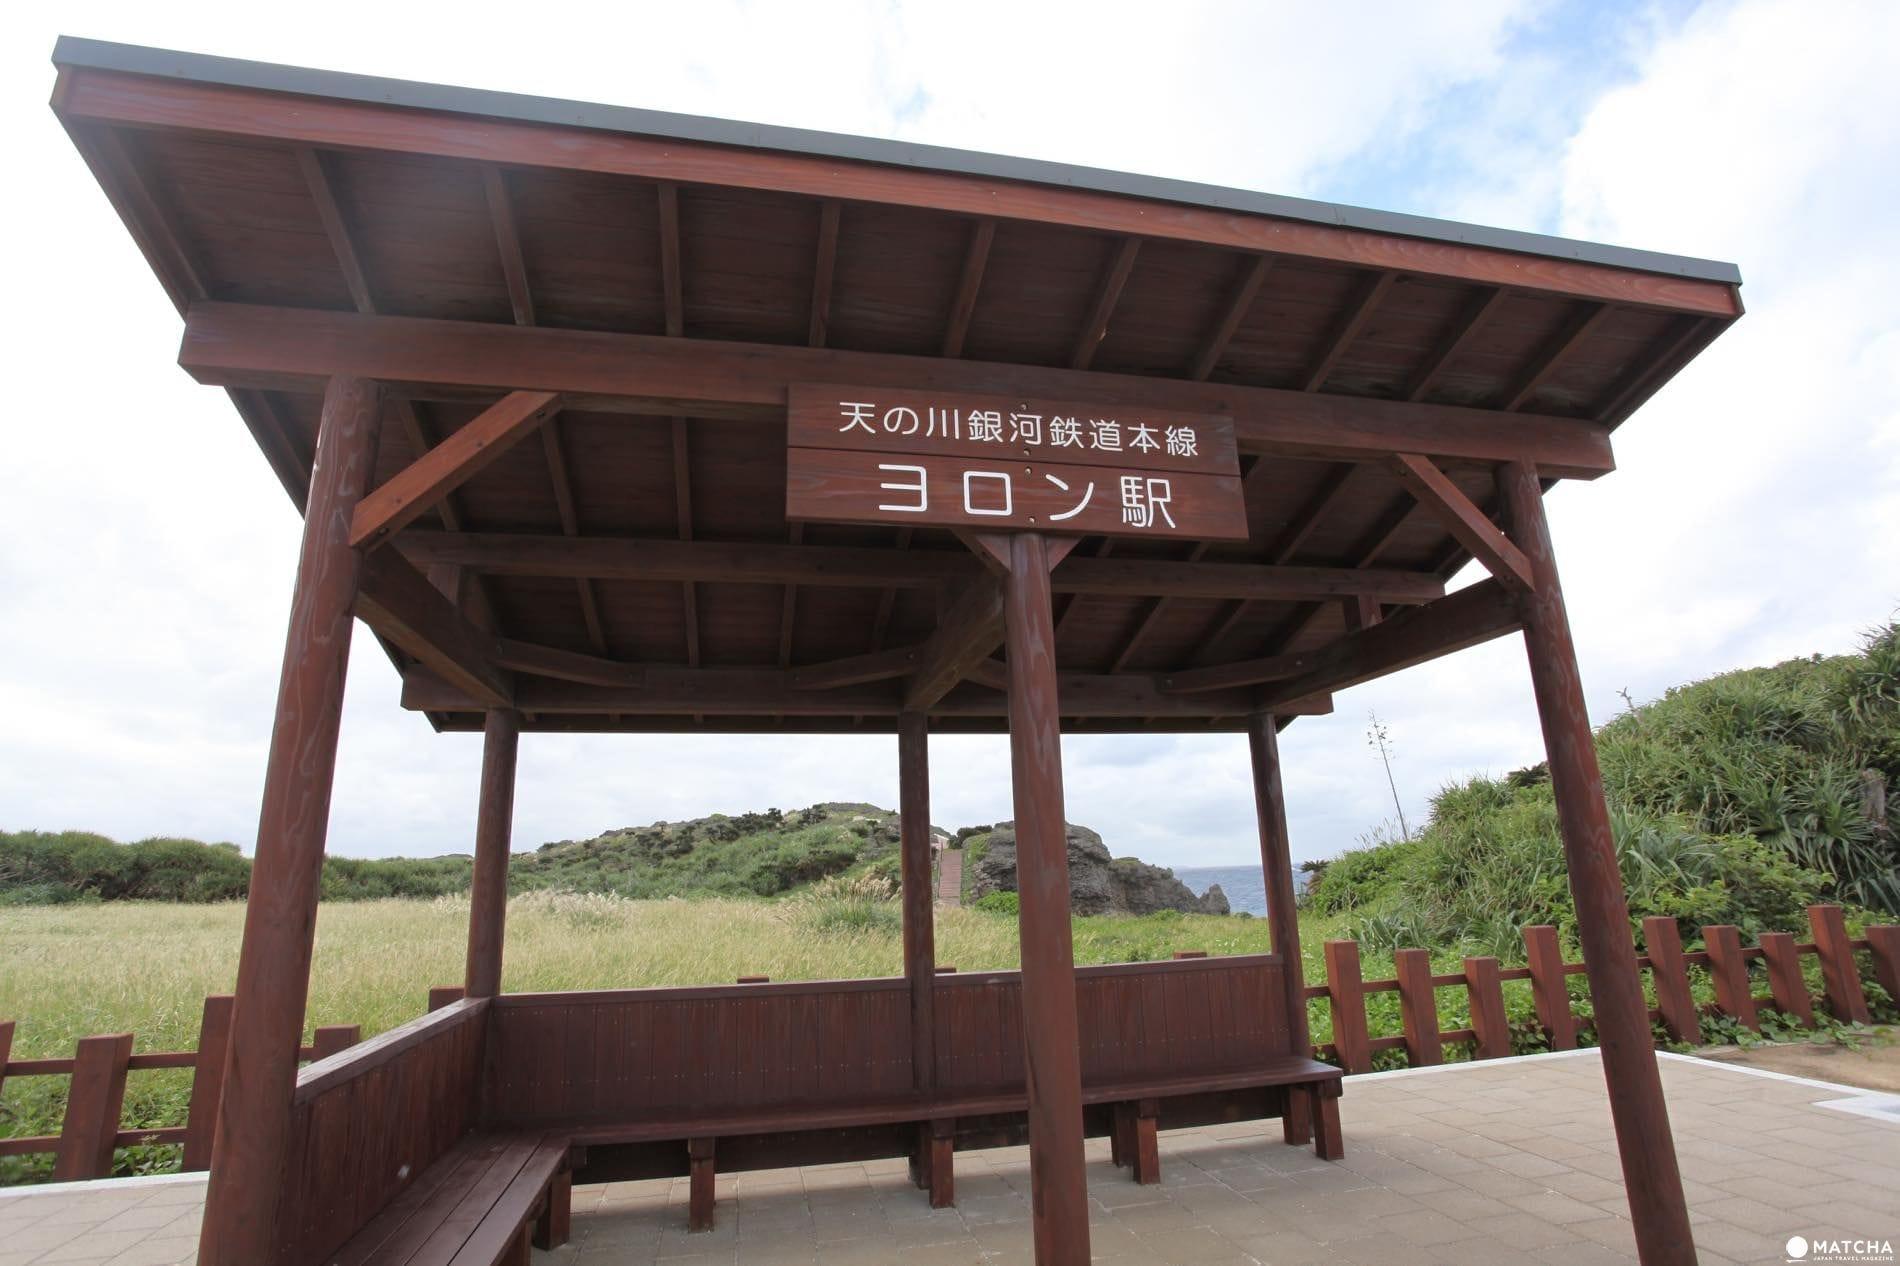 鹿児島最南端!!美しいビーチが広がる楽園「與論島」の魅力7選